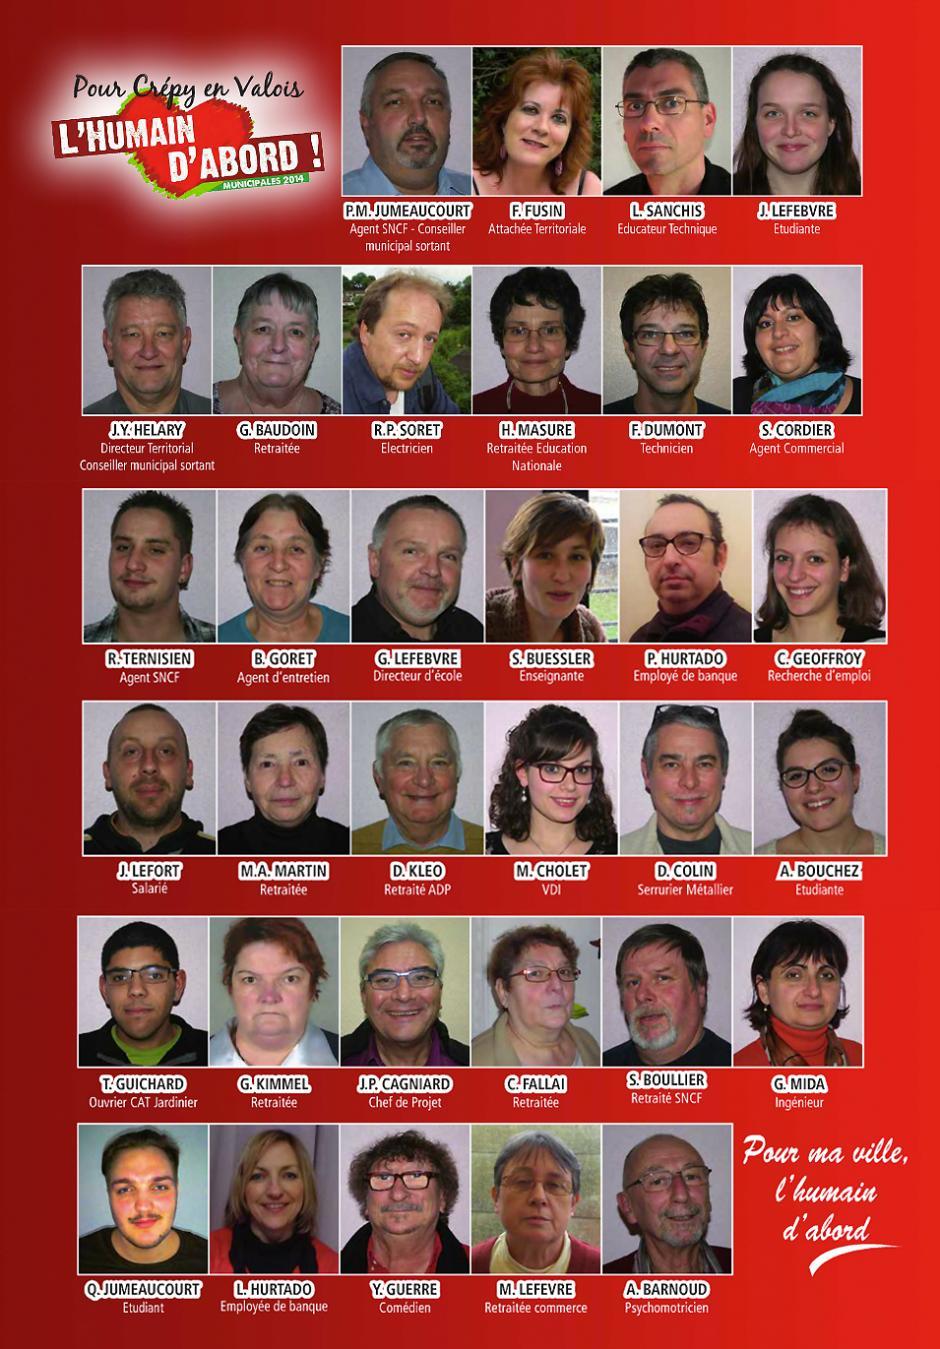 Élections municipales 2014 • Crépy-en-Valois • Liste « L'humain d'abord »-Trombinoscope